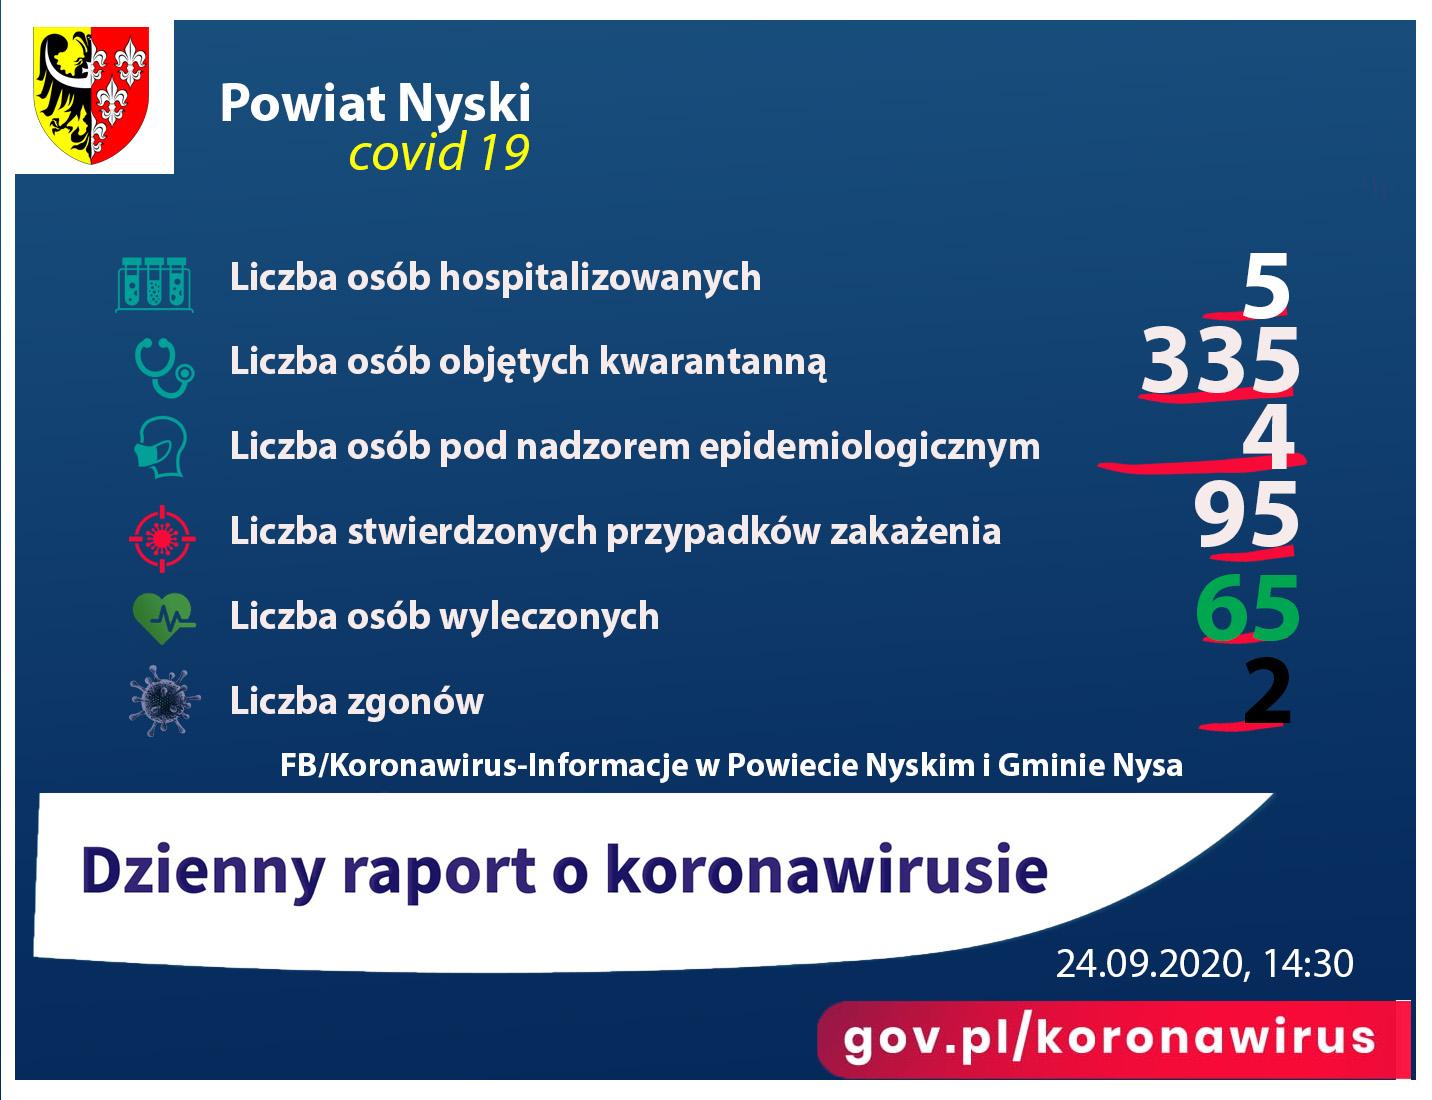 Raport - liczba zakażonych 95, ozdrowieńców 65, zgony 2, pod nadzorem 4, kwarantanna 335